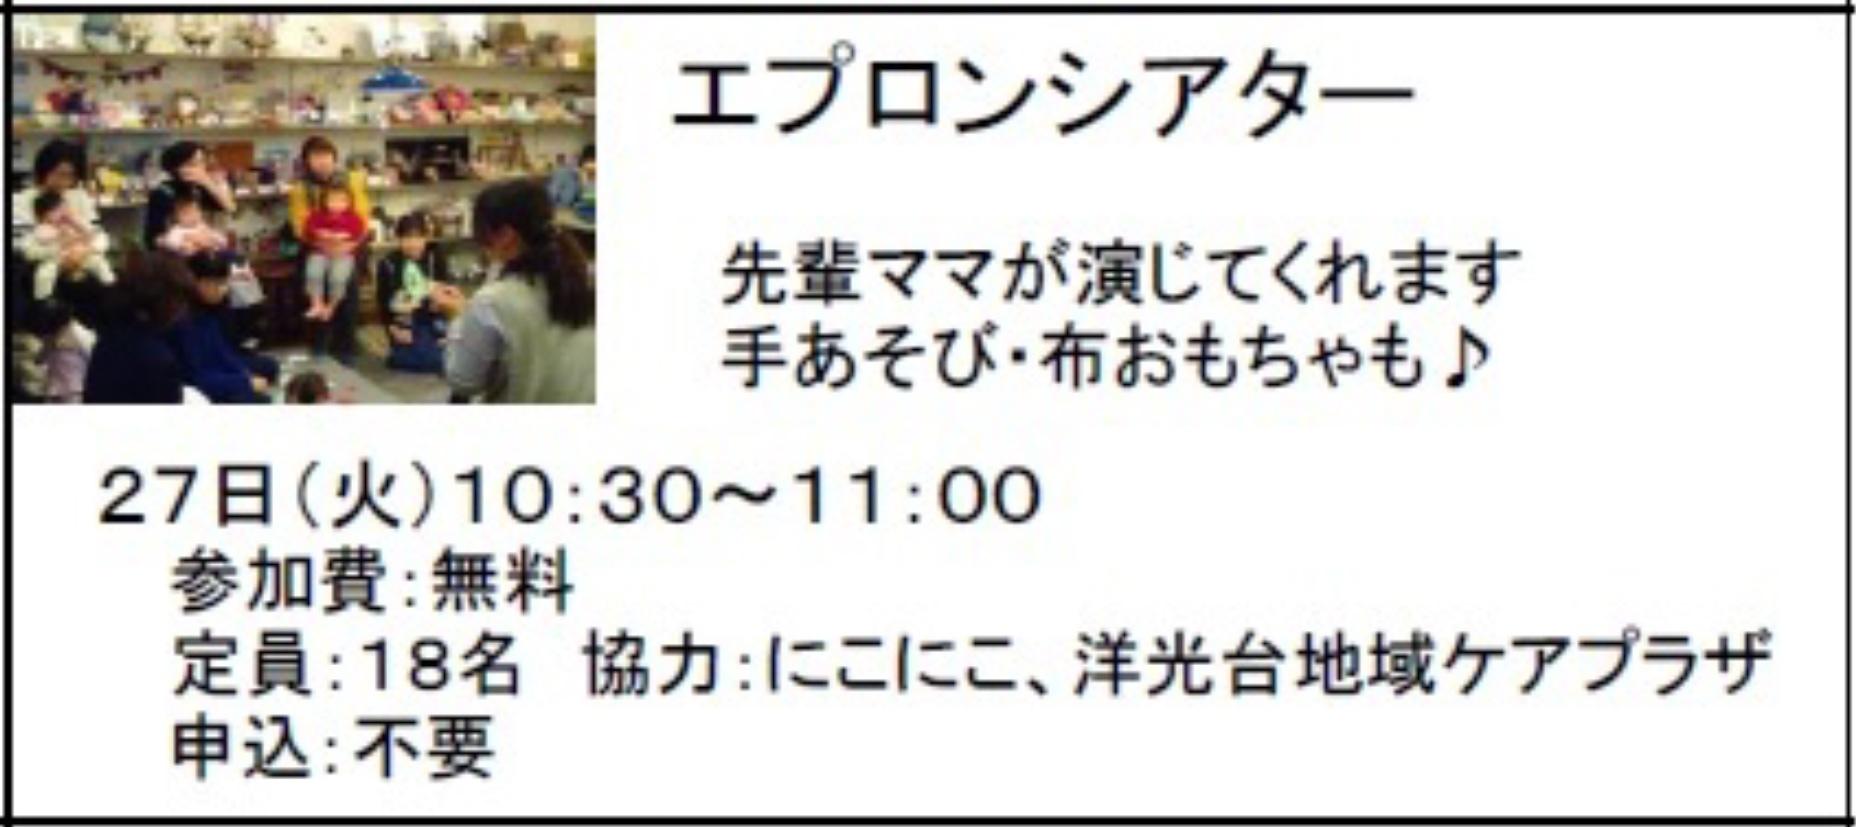 今週のイベントは♪_c0367631_10275048.jpeg